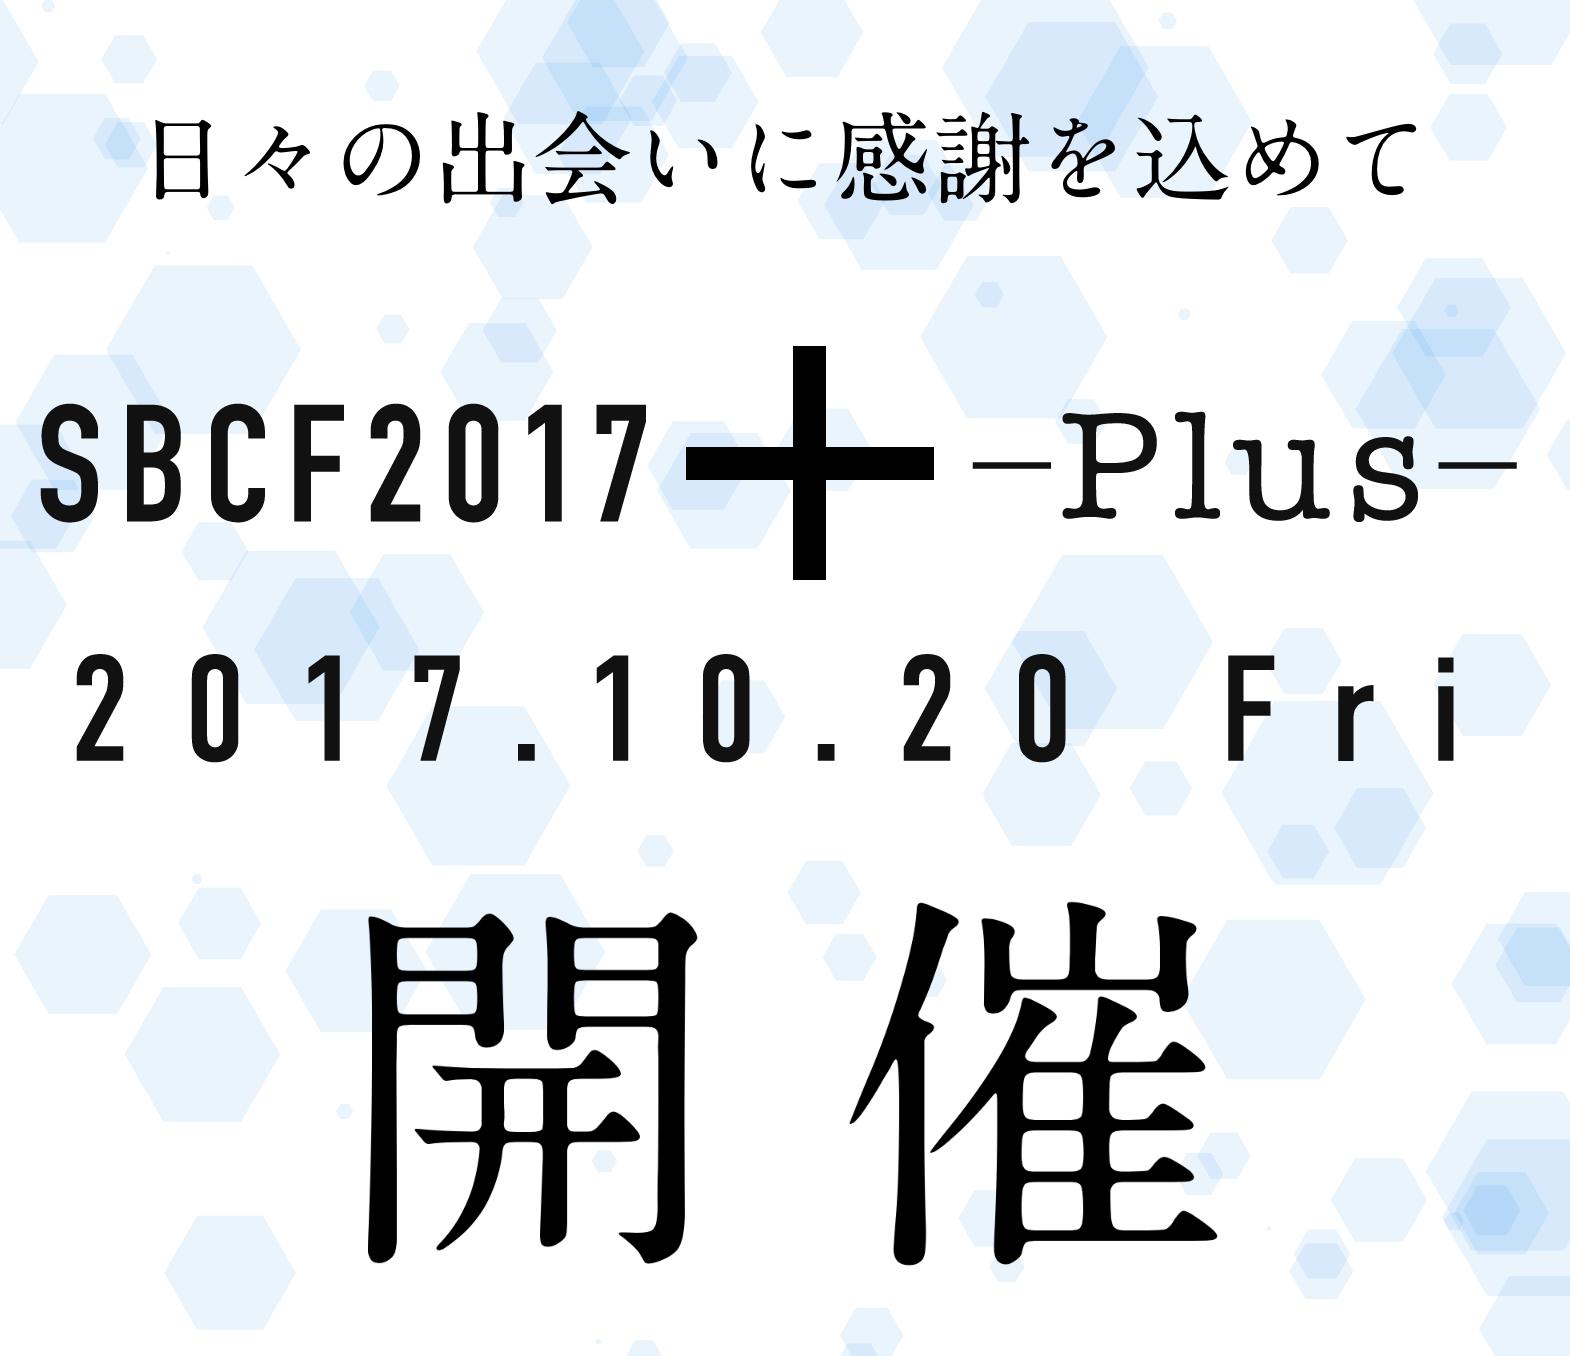 SBCF2017